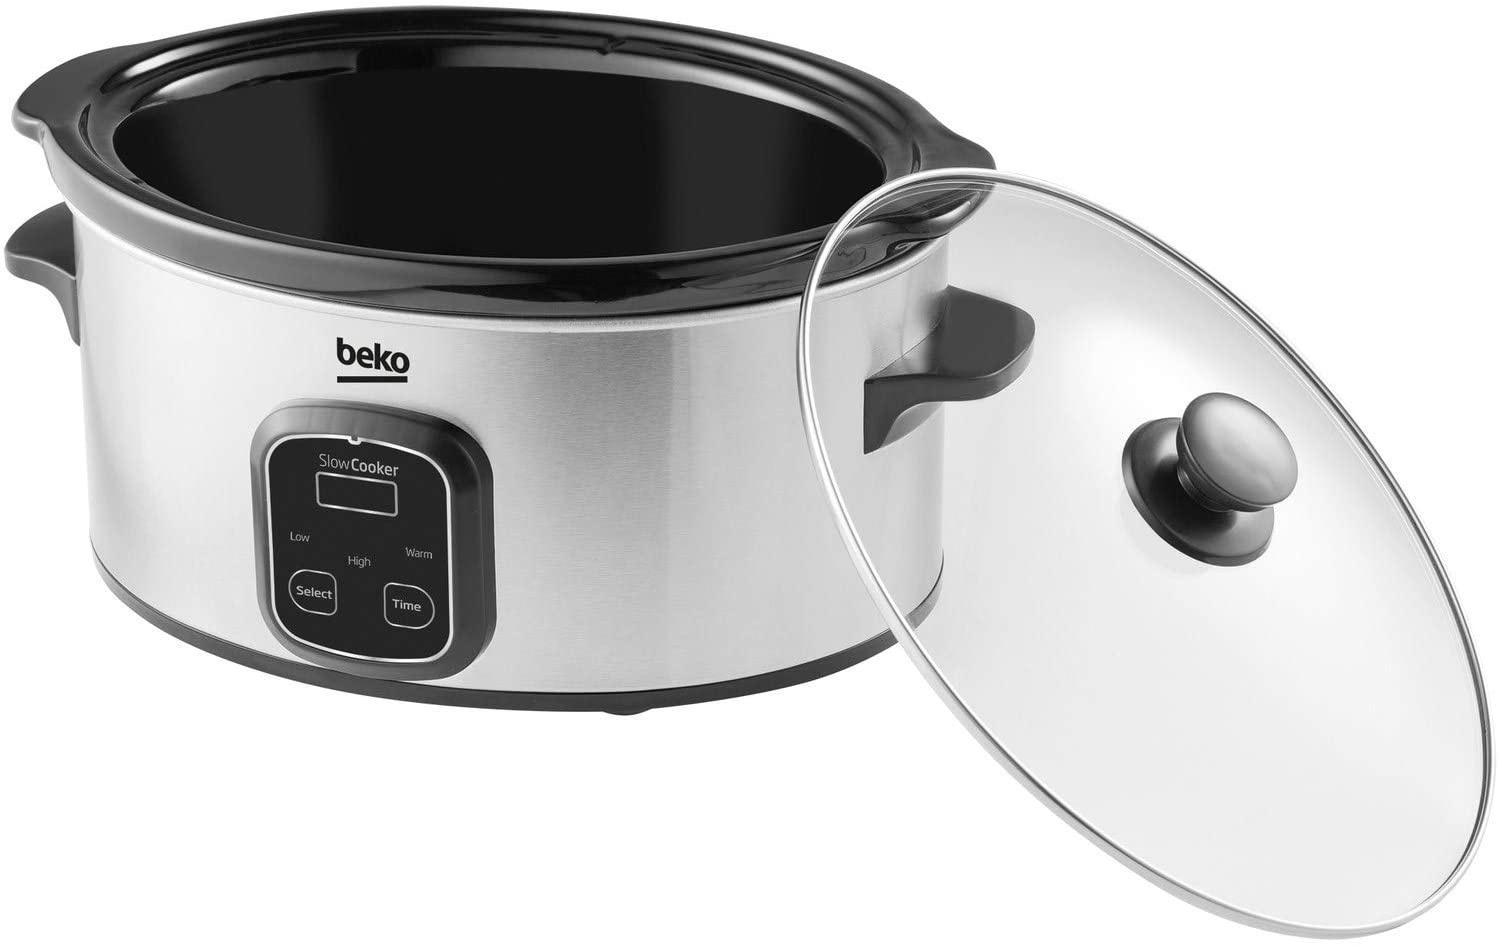 Beko SCM3622X 6 Litre Slow Cooker - LED Display